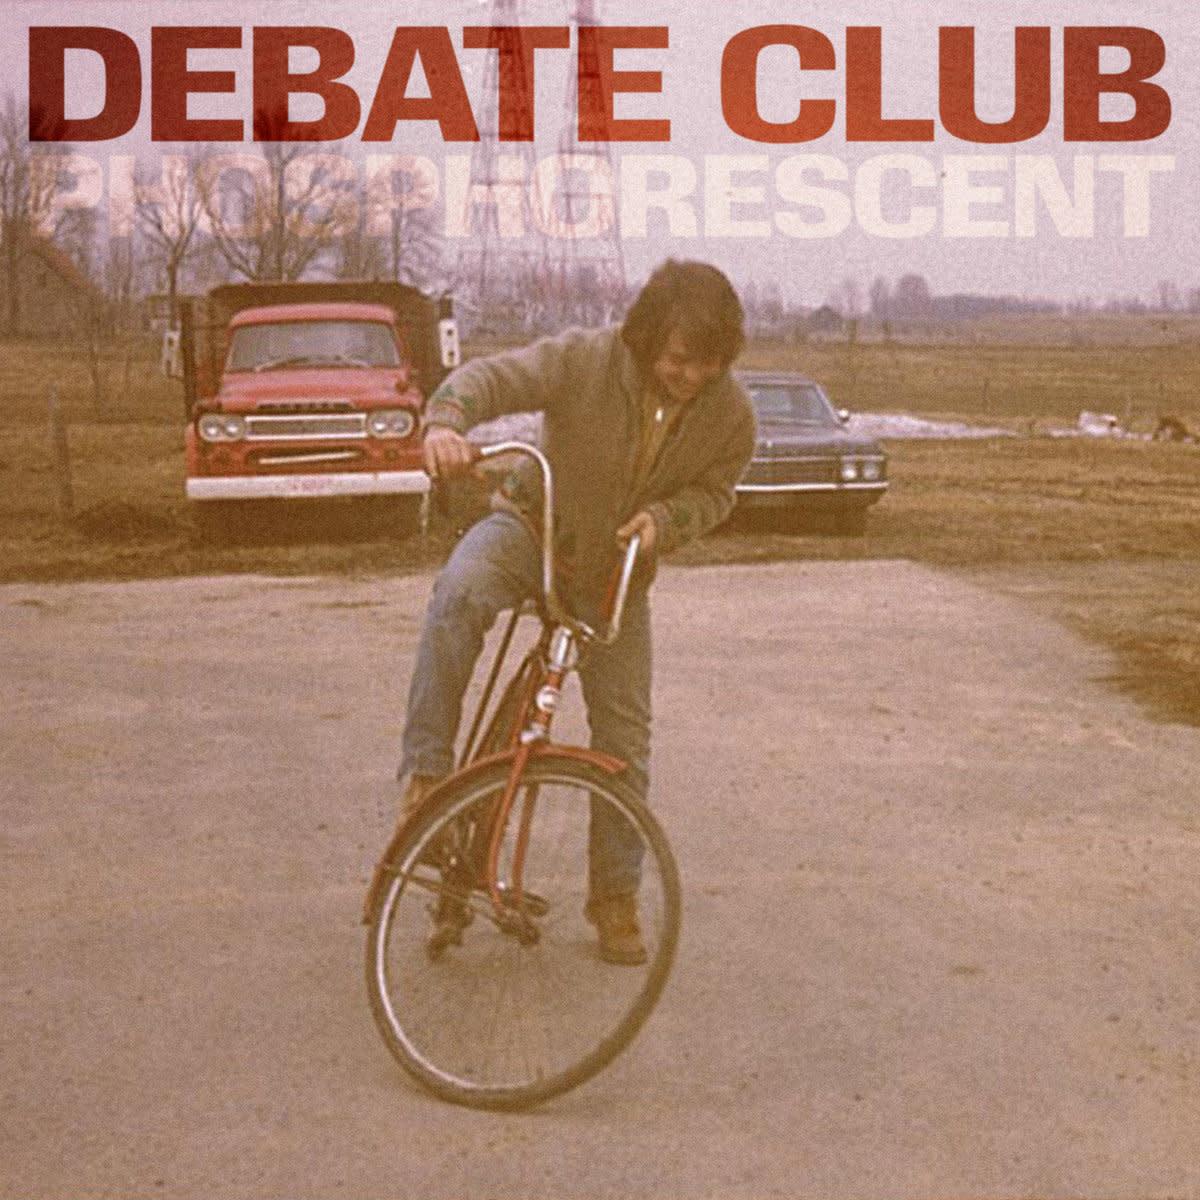 Debate Club • Phosphorescent-1